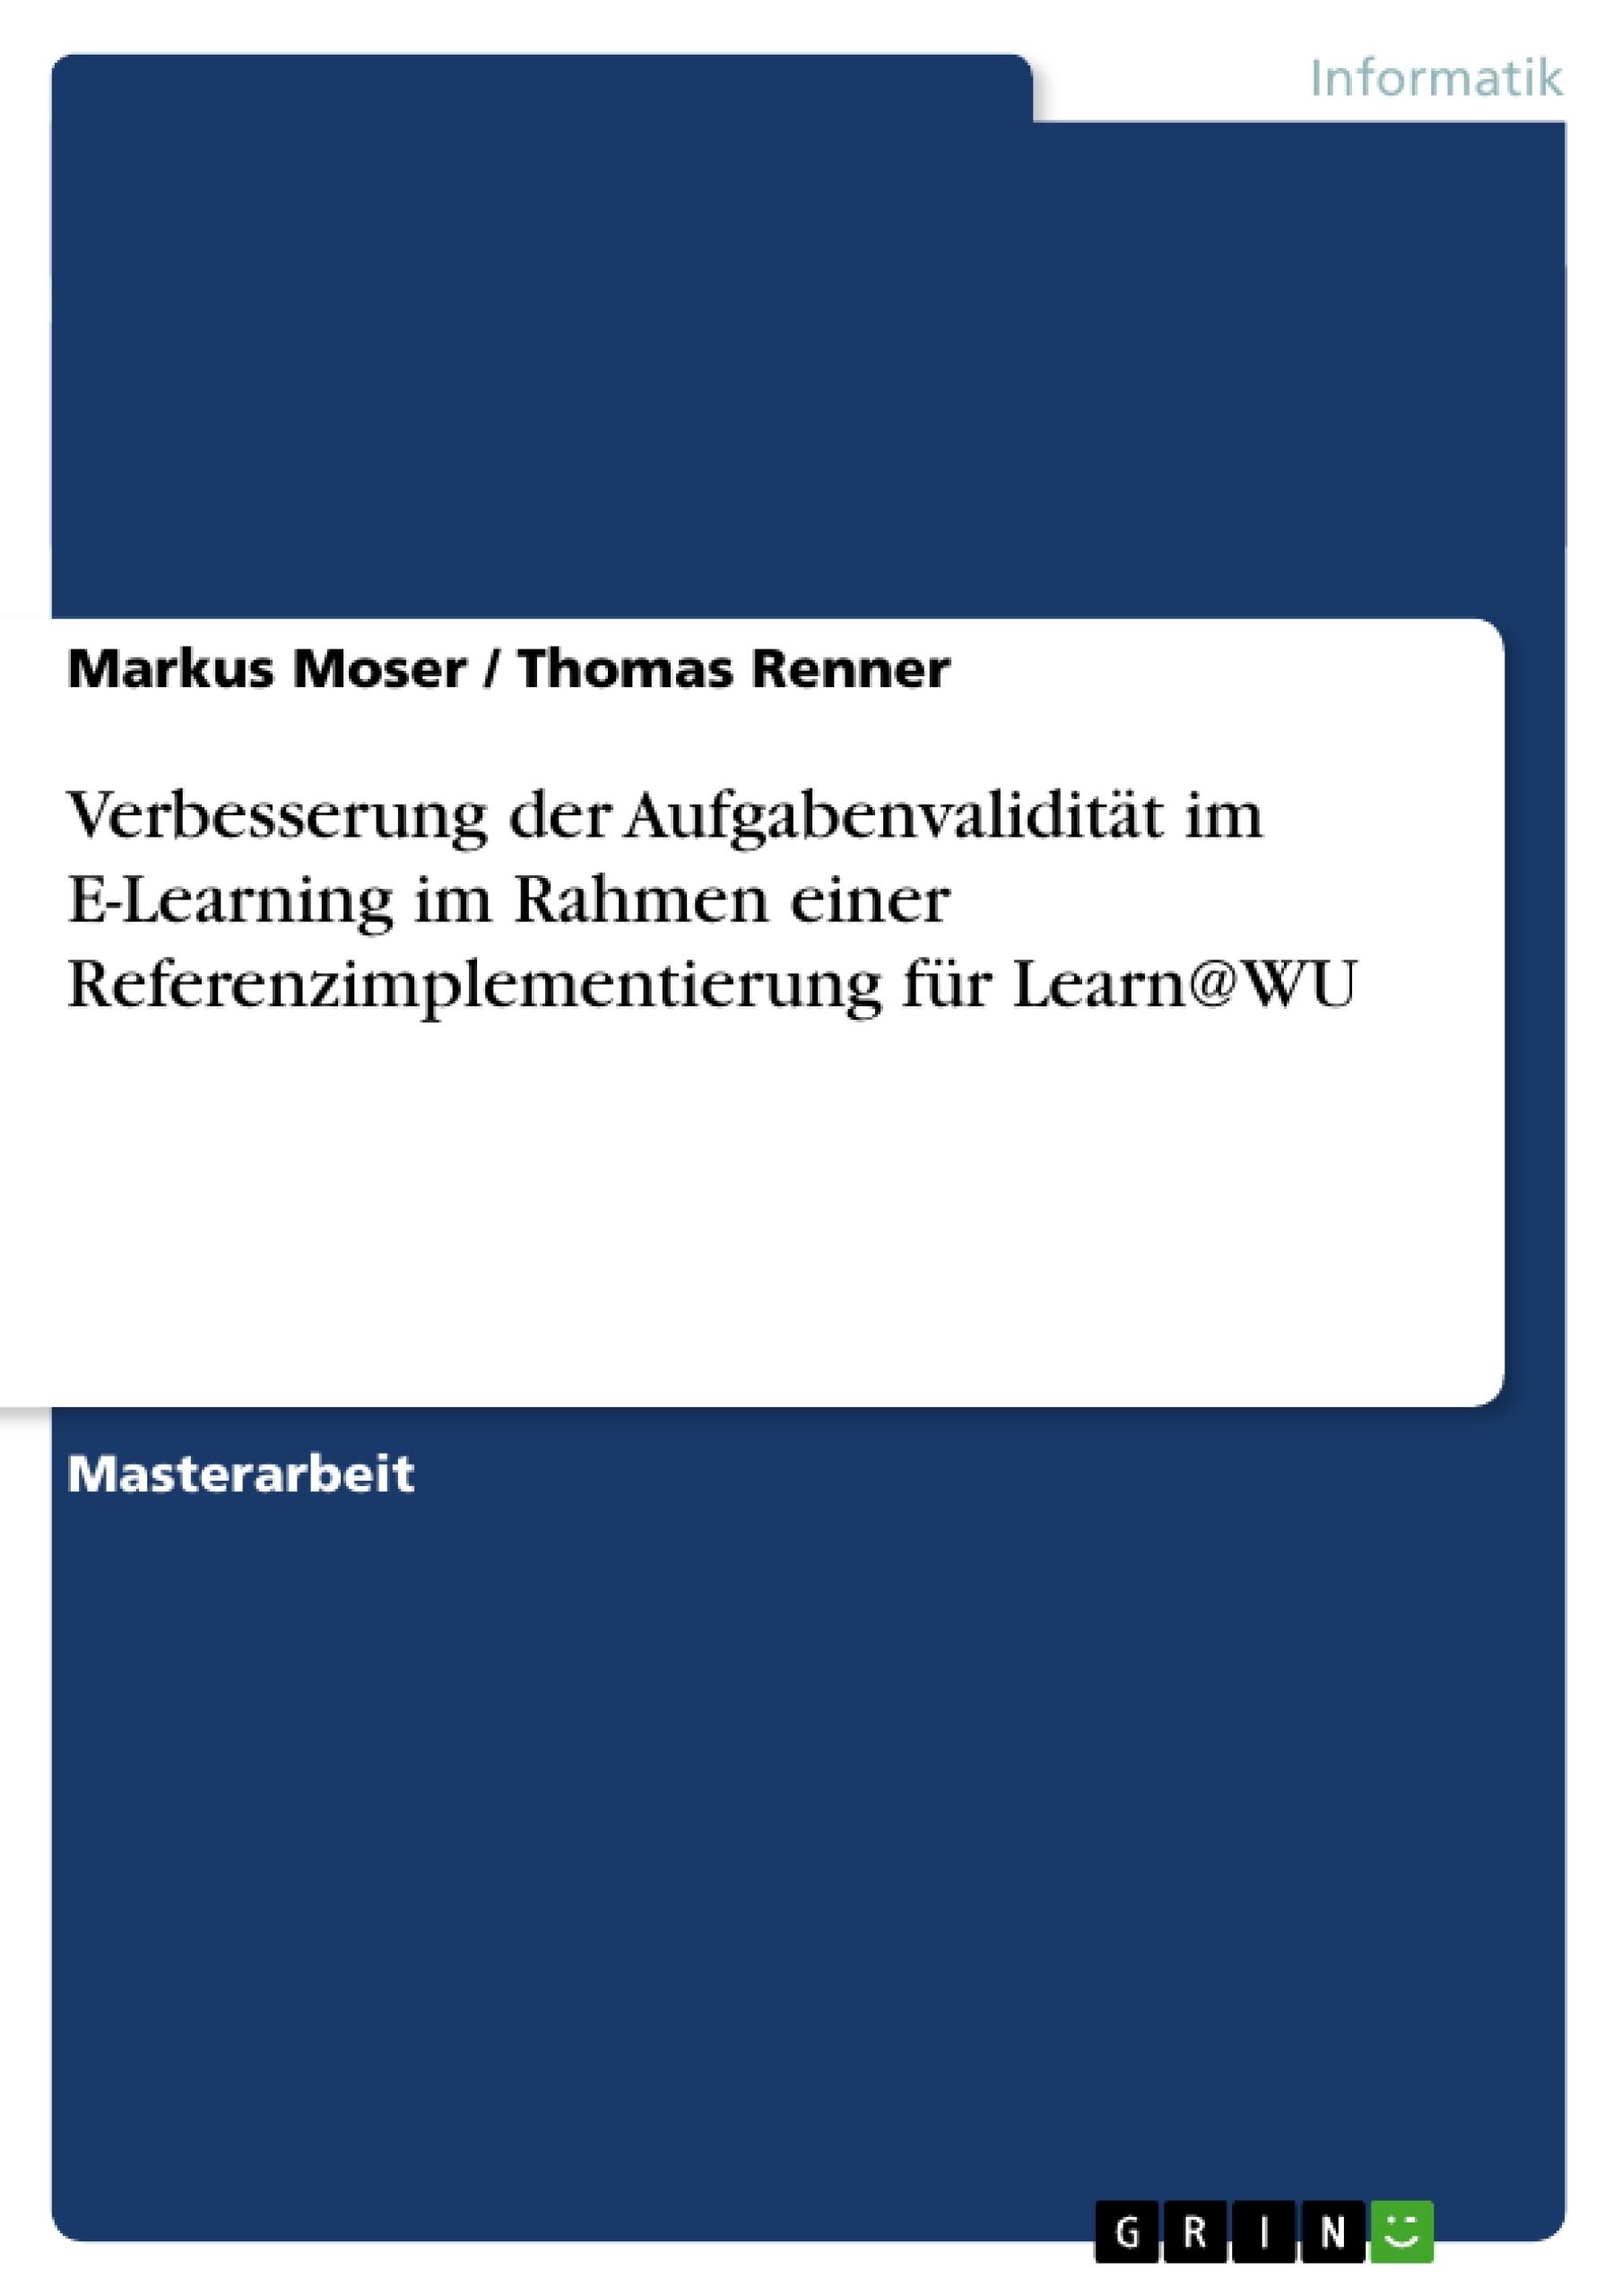 Titel: Verbesserung der Aufgabenvalidität im E-Learning im Rahmen einer Referenzimplementierung für Learn@WU